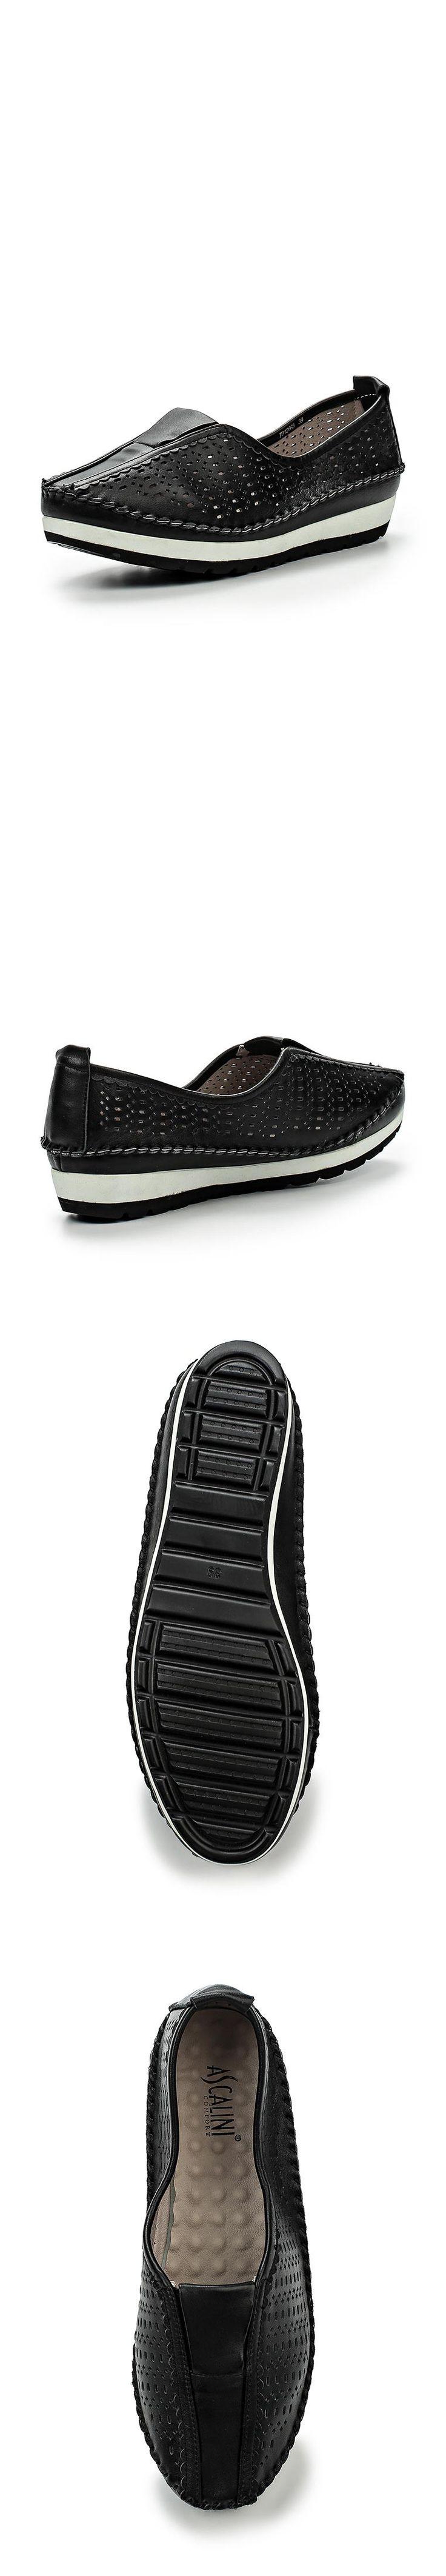 Женская обувь слипоны Ascalini за 3620.00 руб.